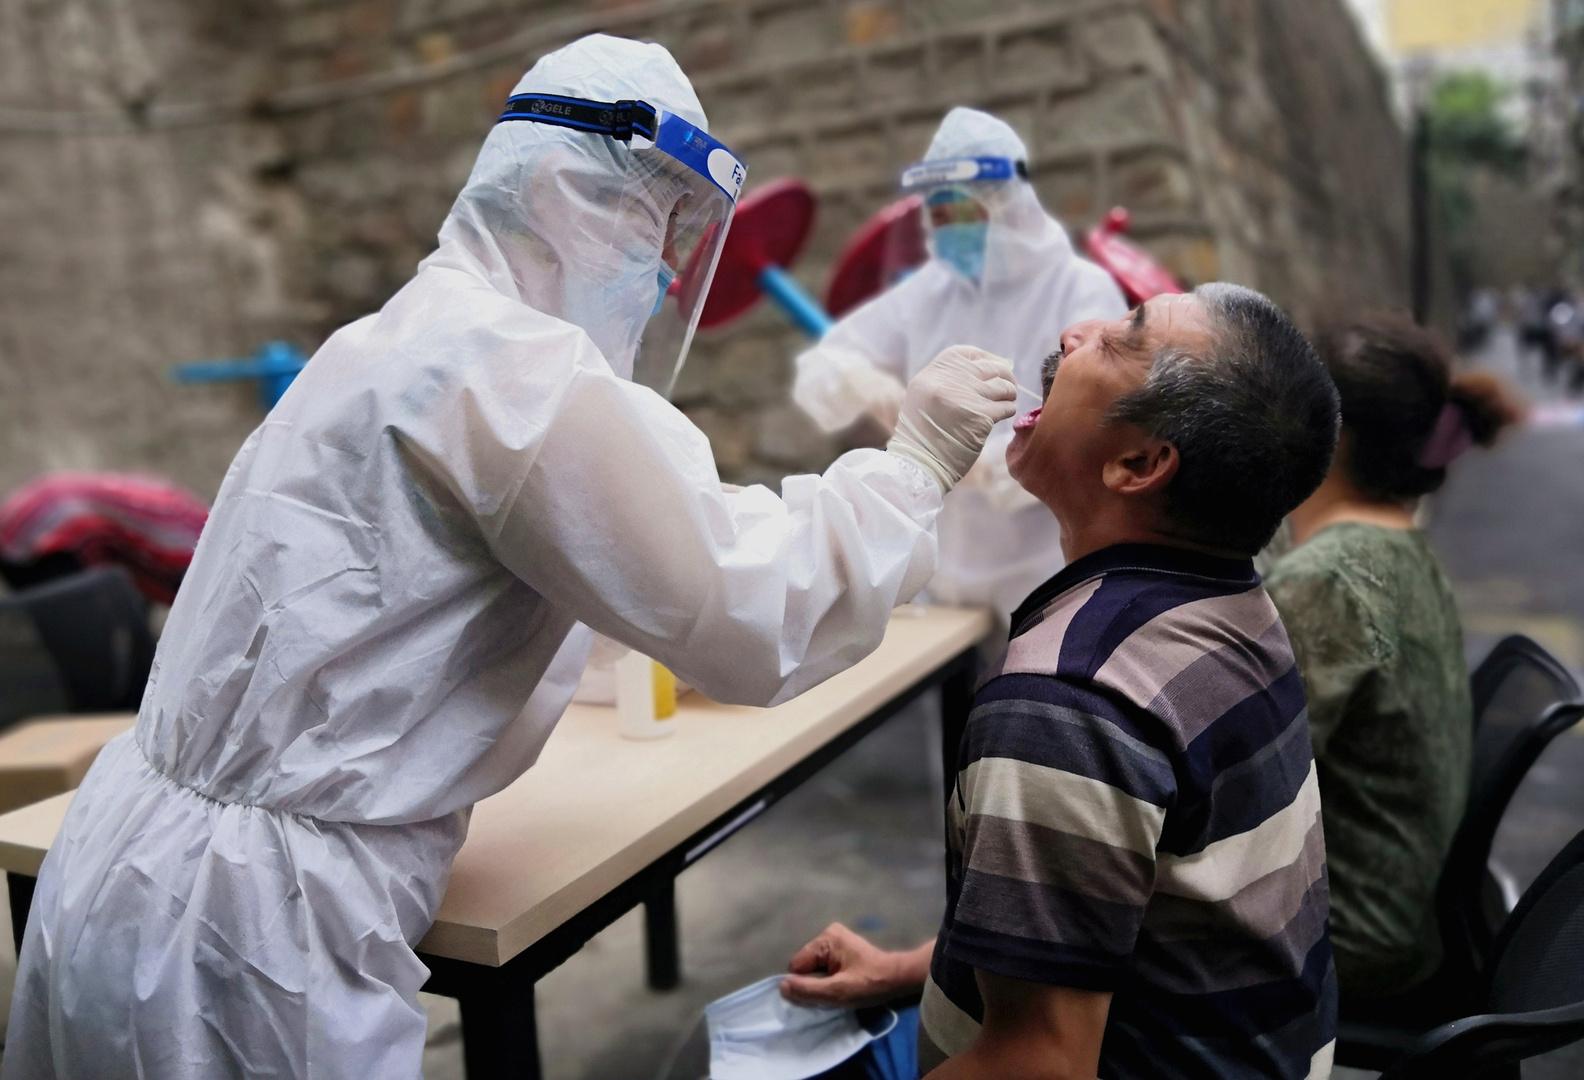 الصين.. تسجيل 21 إصابة جديدة بكورونا معظمها في إقليم شينجيانغ الإيغوري